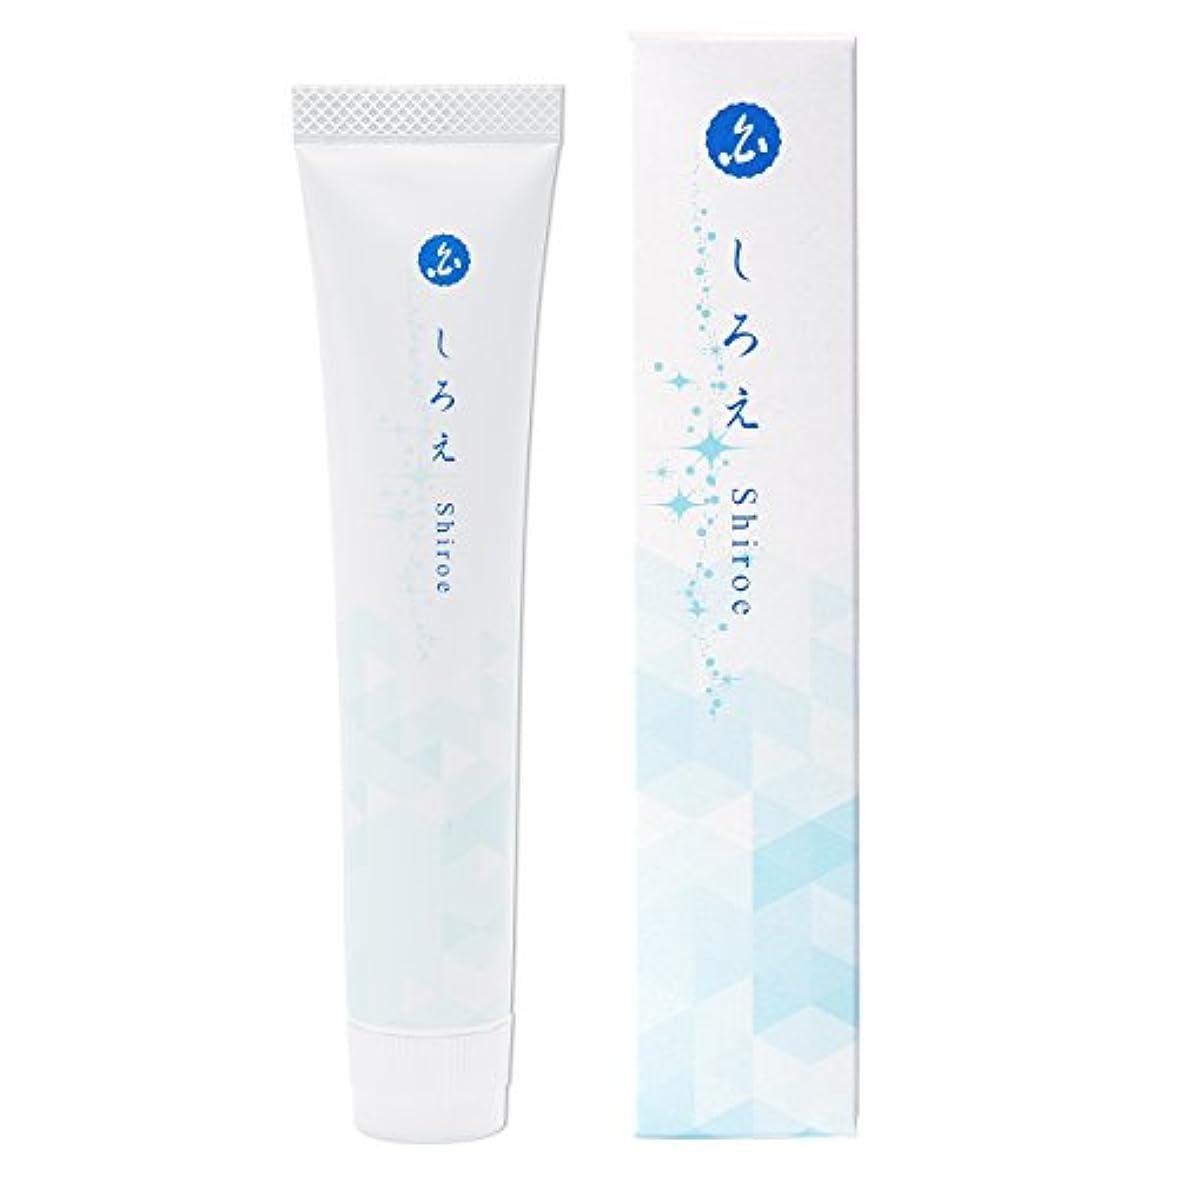 溶かす騒々しい簡潔なしろえ 歯磨きジェル 薬用 ホワイトニング歯磨き粉 医薬部外品 はみがき粉 50g 日本製